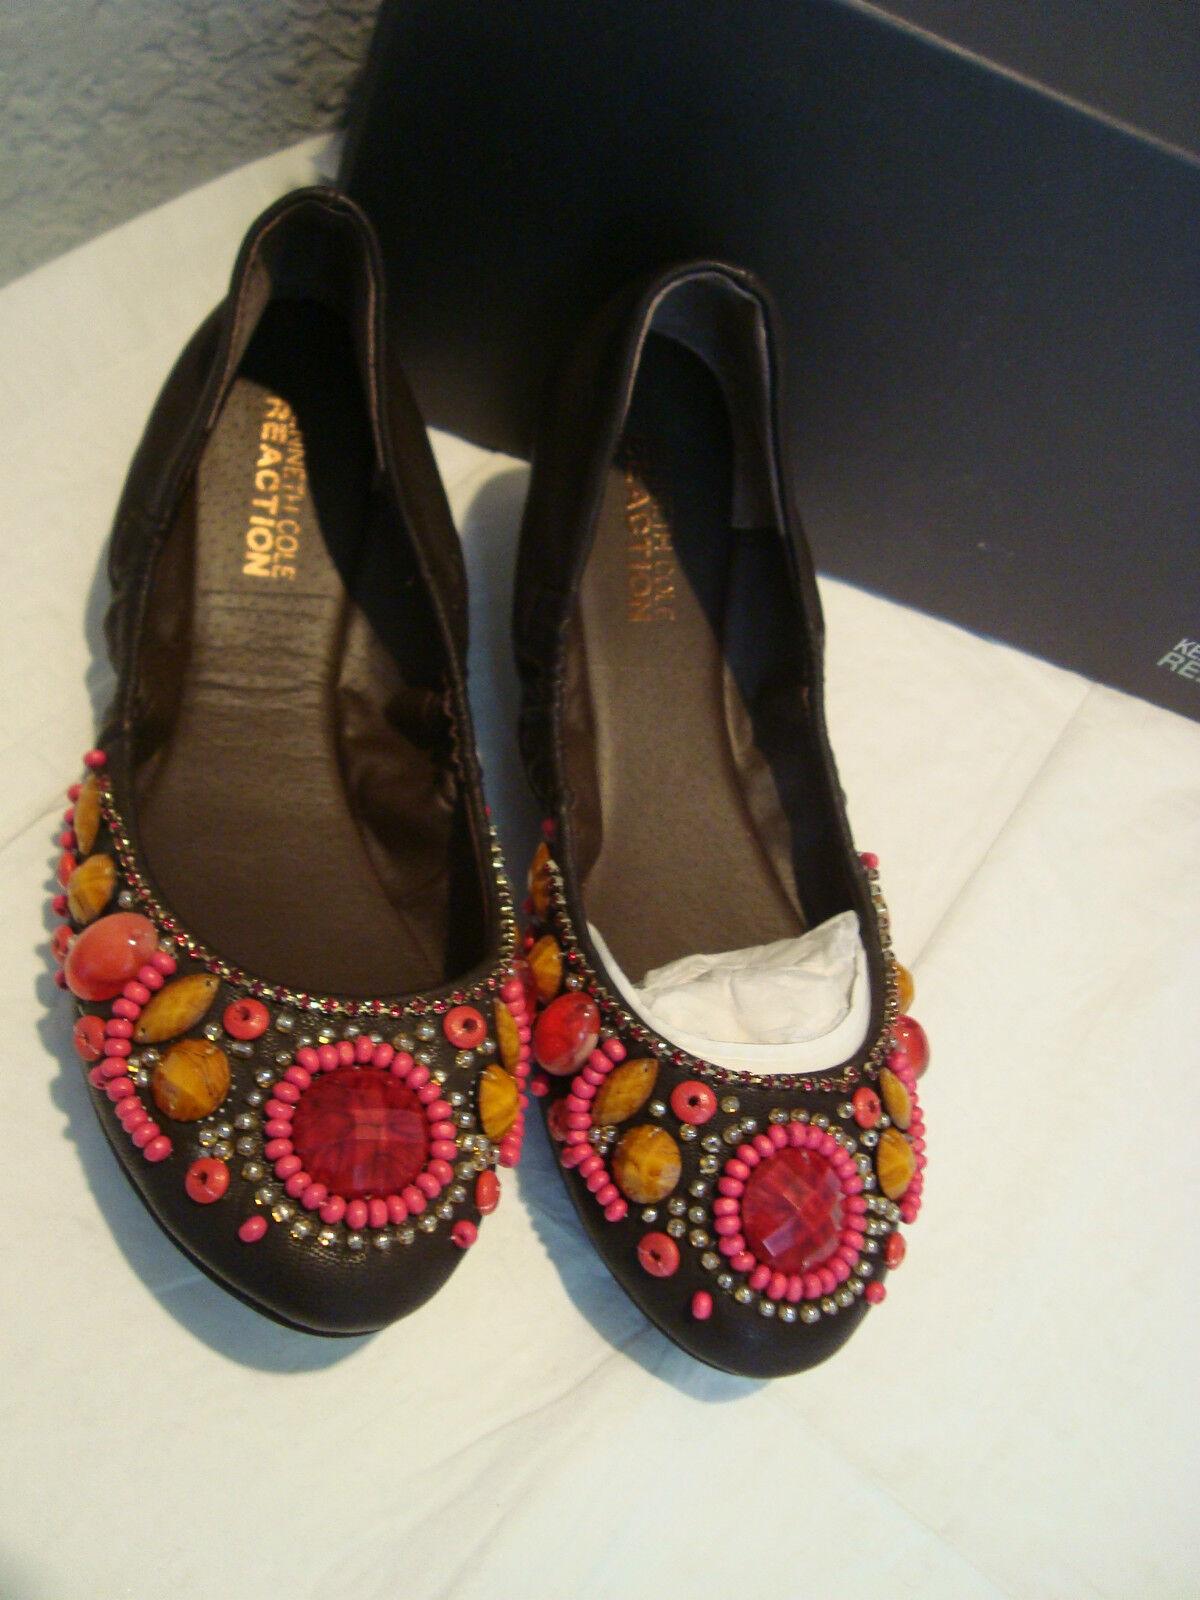 NEU Kenneth Cole Reaction Damenschuhe Jeweled Braun Flats Schuhes 6 Medium